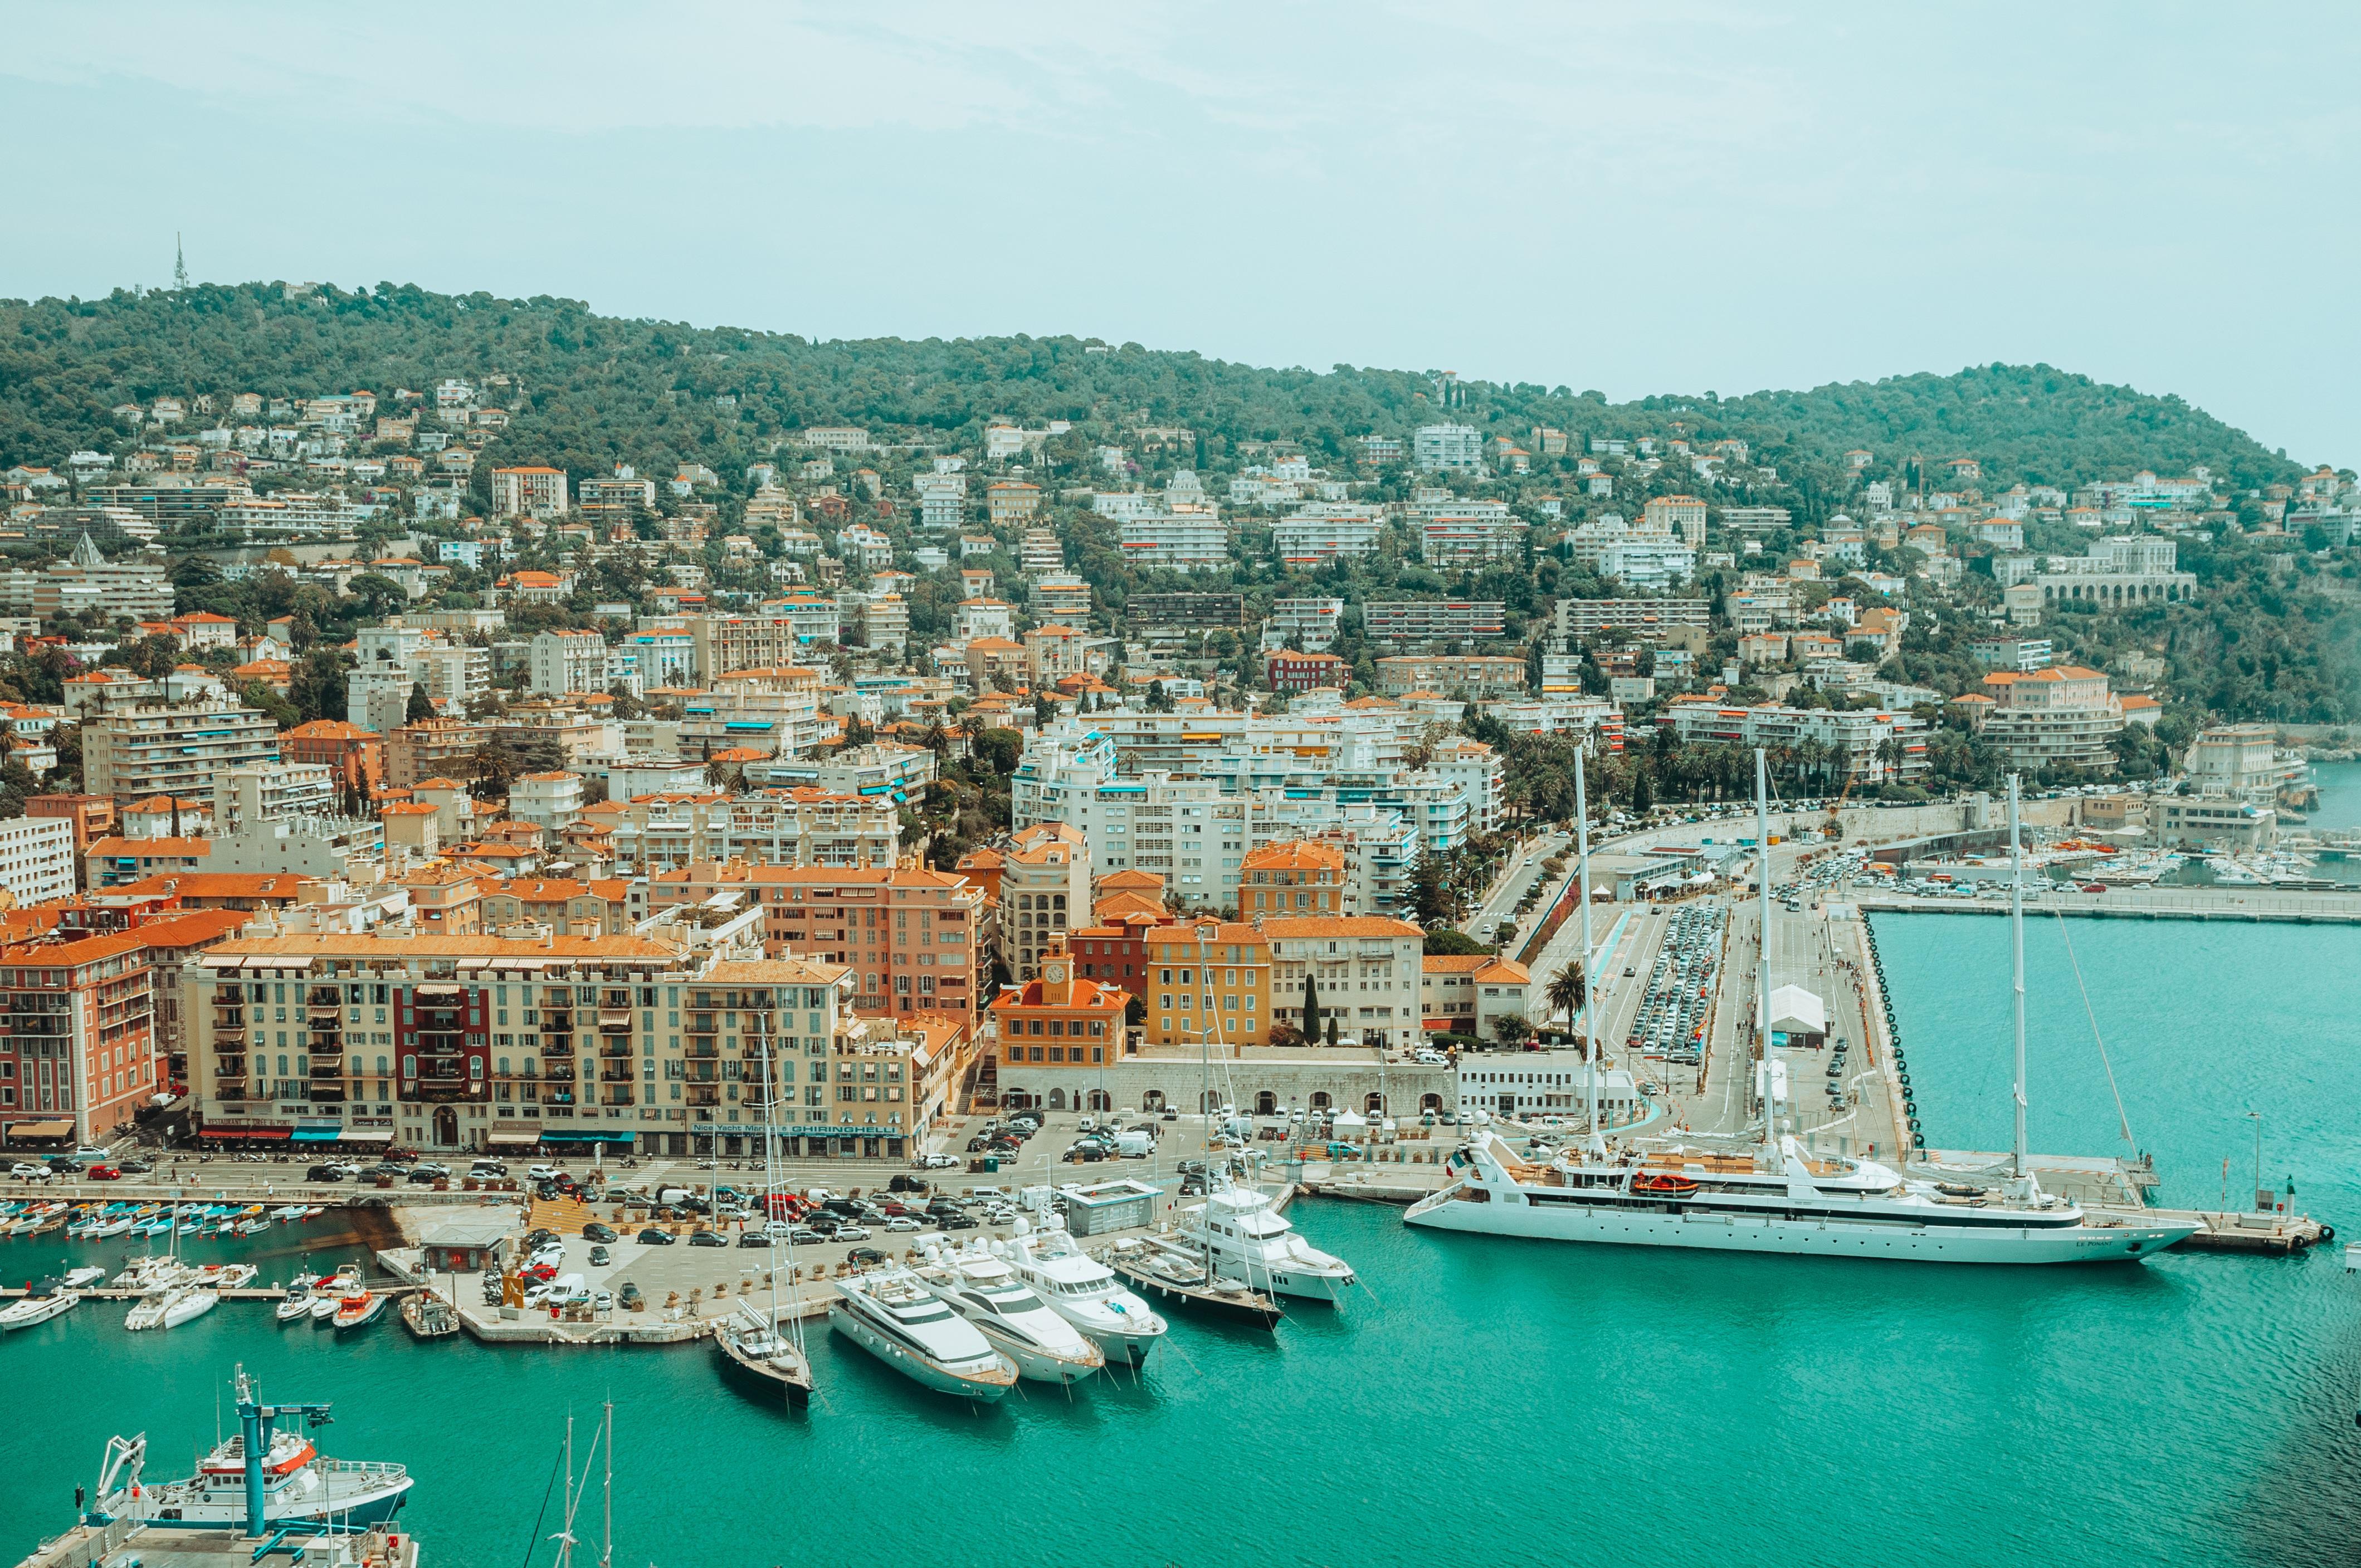 Обои для рабочего стола Франция Nice, Alpes-Maritimes Корабли Яхта Пирсы Города 4238x2815 корабль Причалы Пристань город